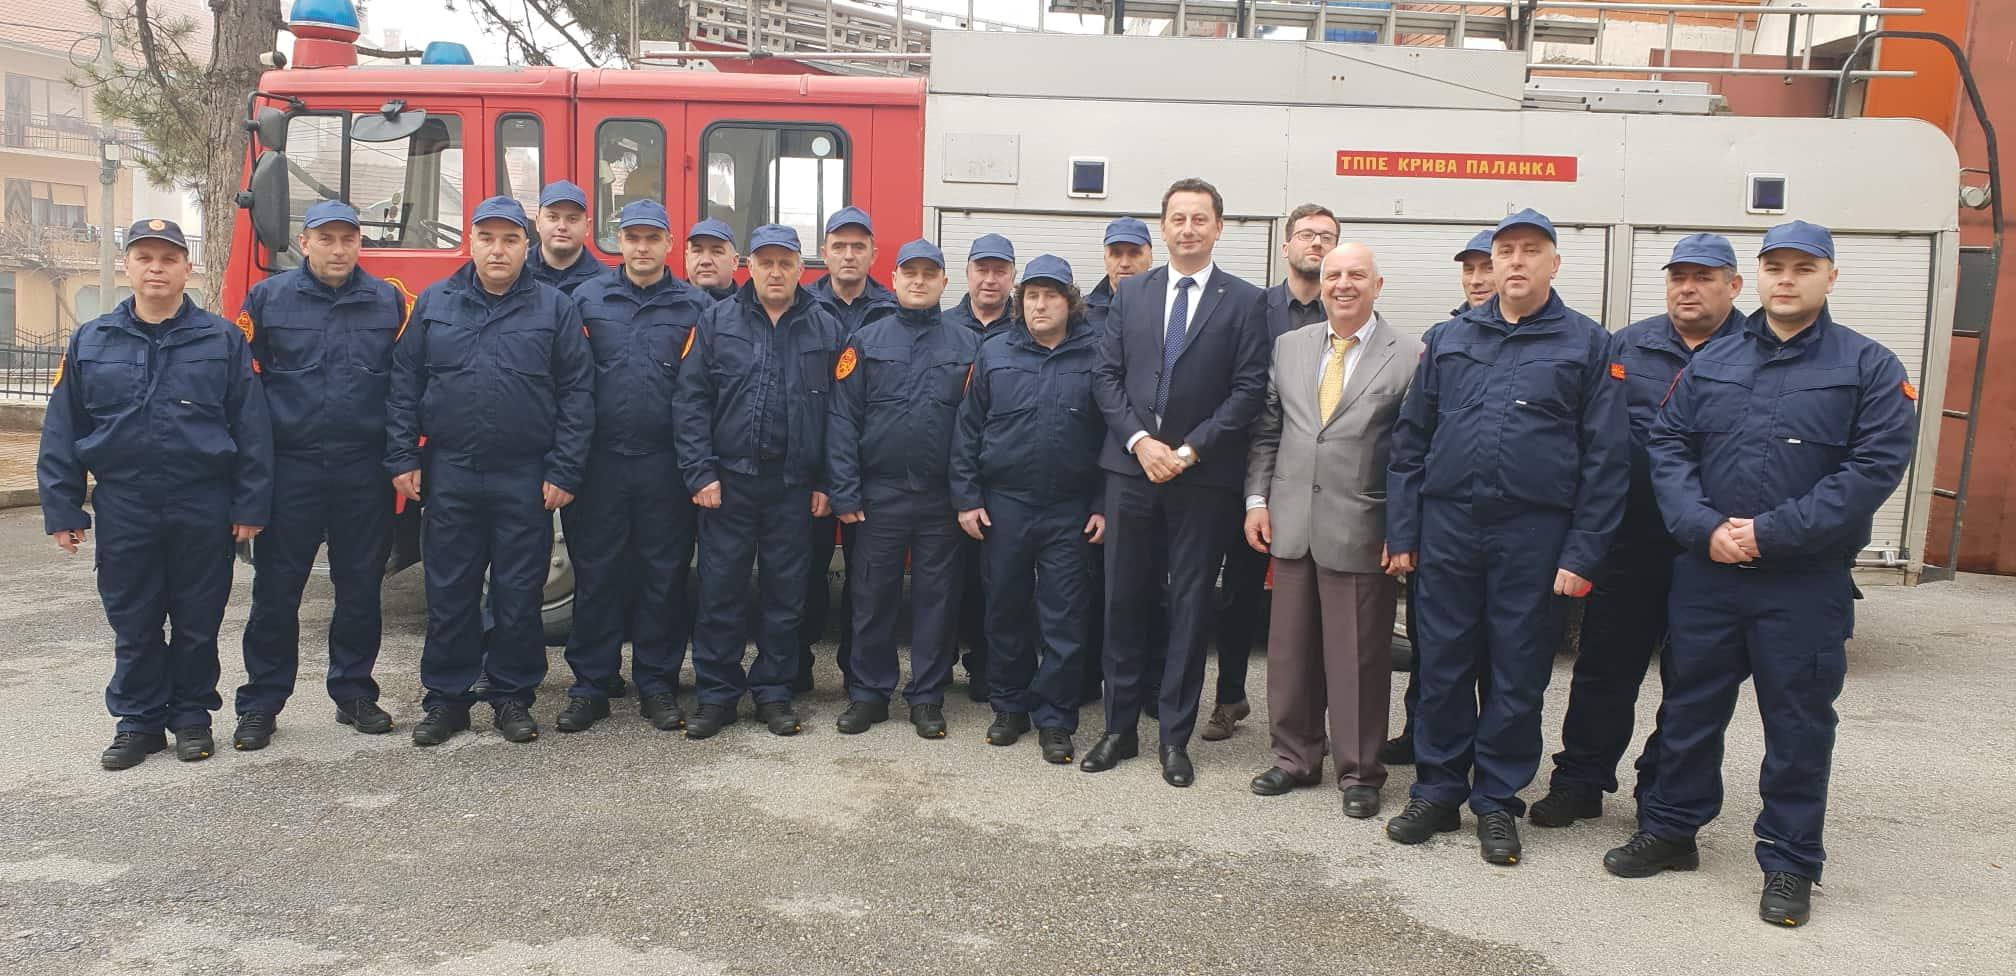 Промовирани новите униформи и нова опрема на Противпожарната едница во Крива Паланка